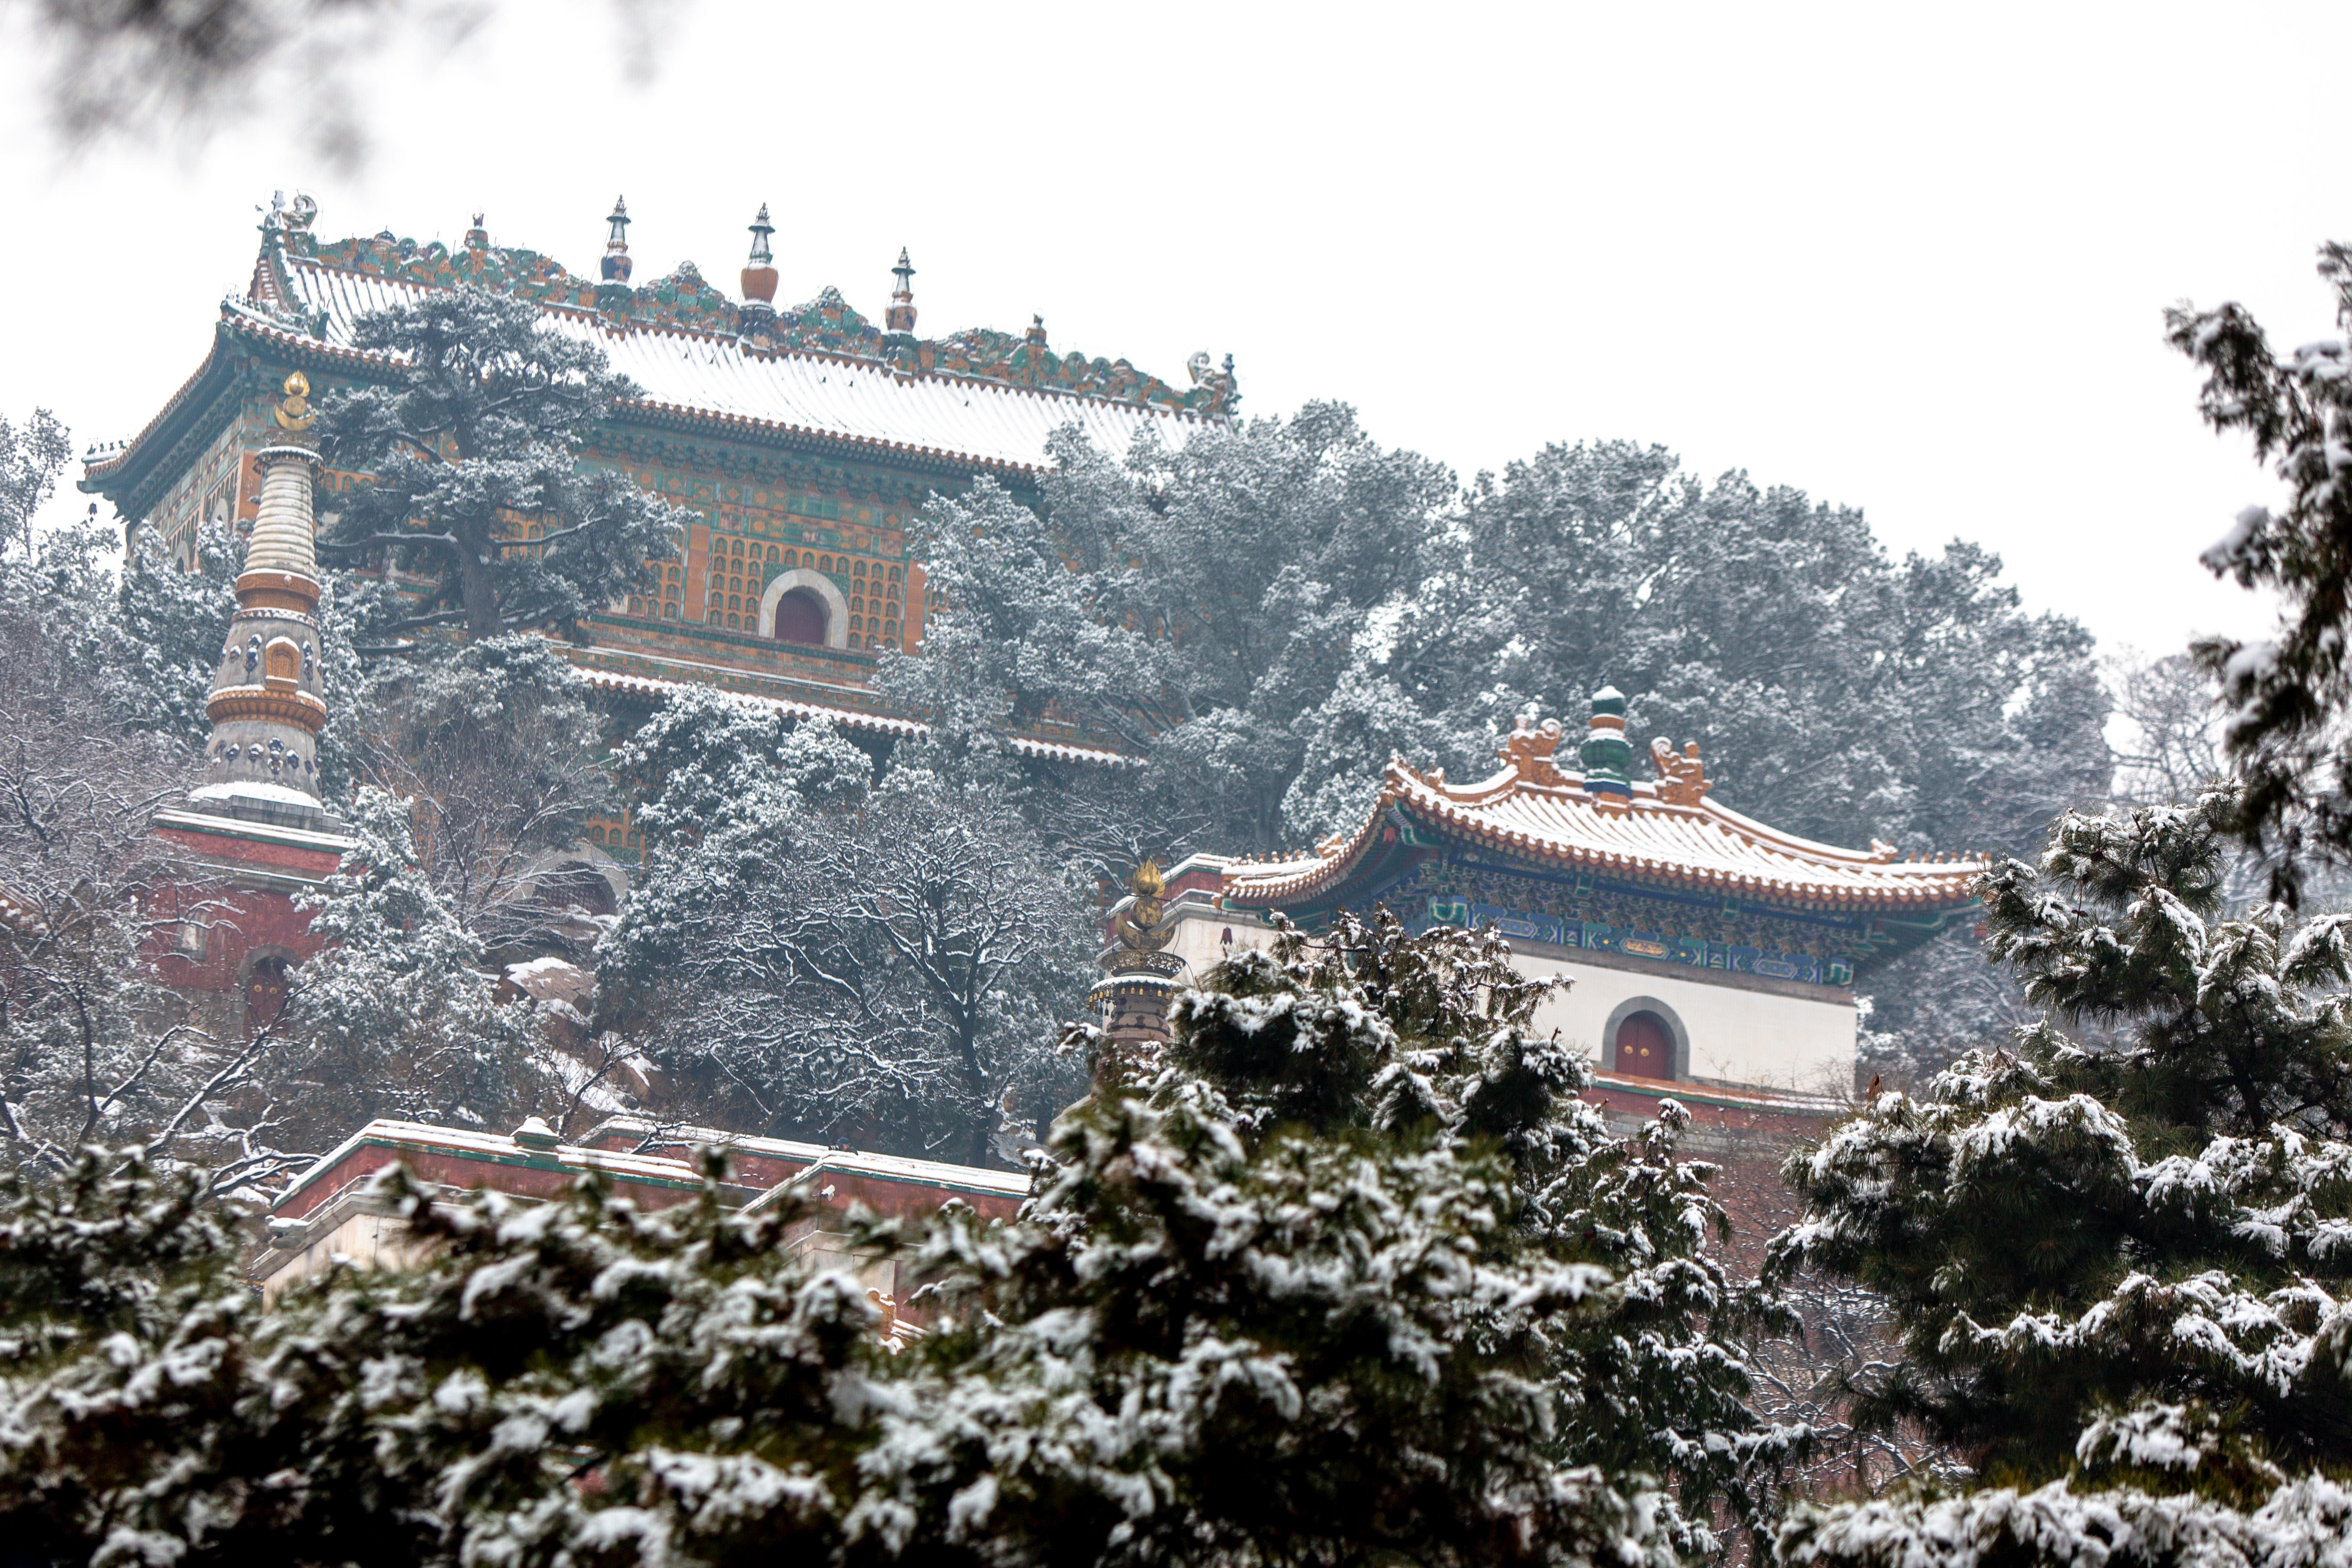 北京第二场大雪,超多美图,带你看颐和园雪景有多美